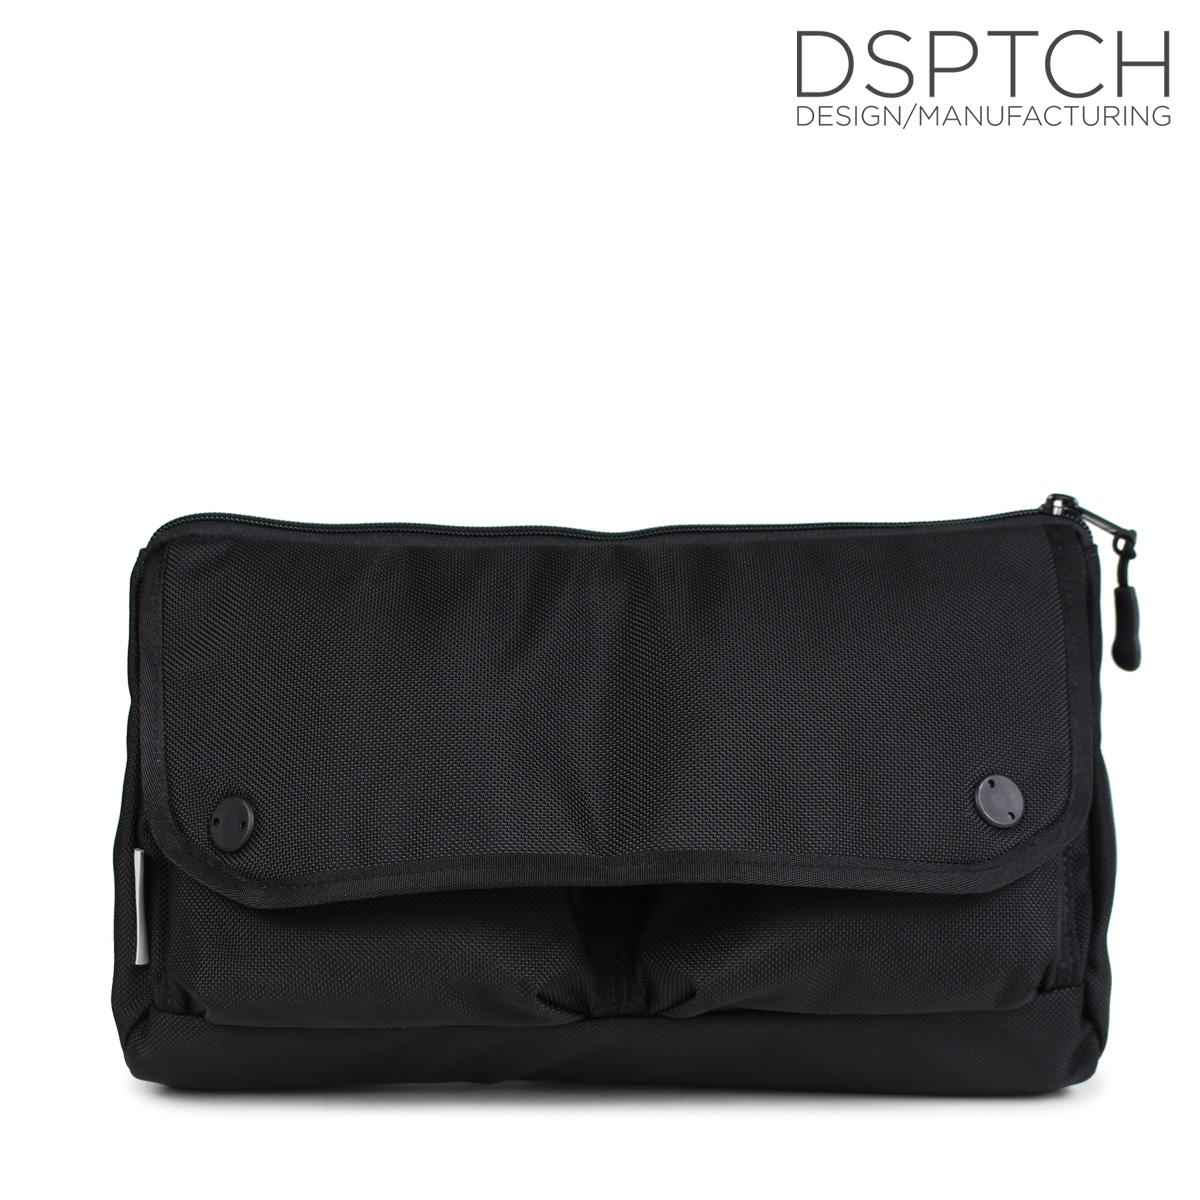 ディスパッチ DSPTCH バッグ ウエストバッグ ワンショルダー WAIST BAG 8L メンズ レディース ブラック PCK-WB [10/9 新入荷]